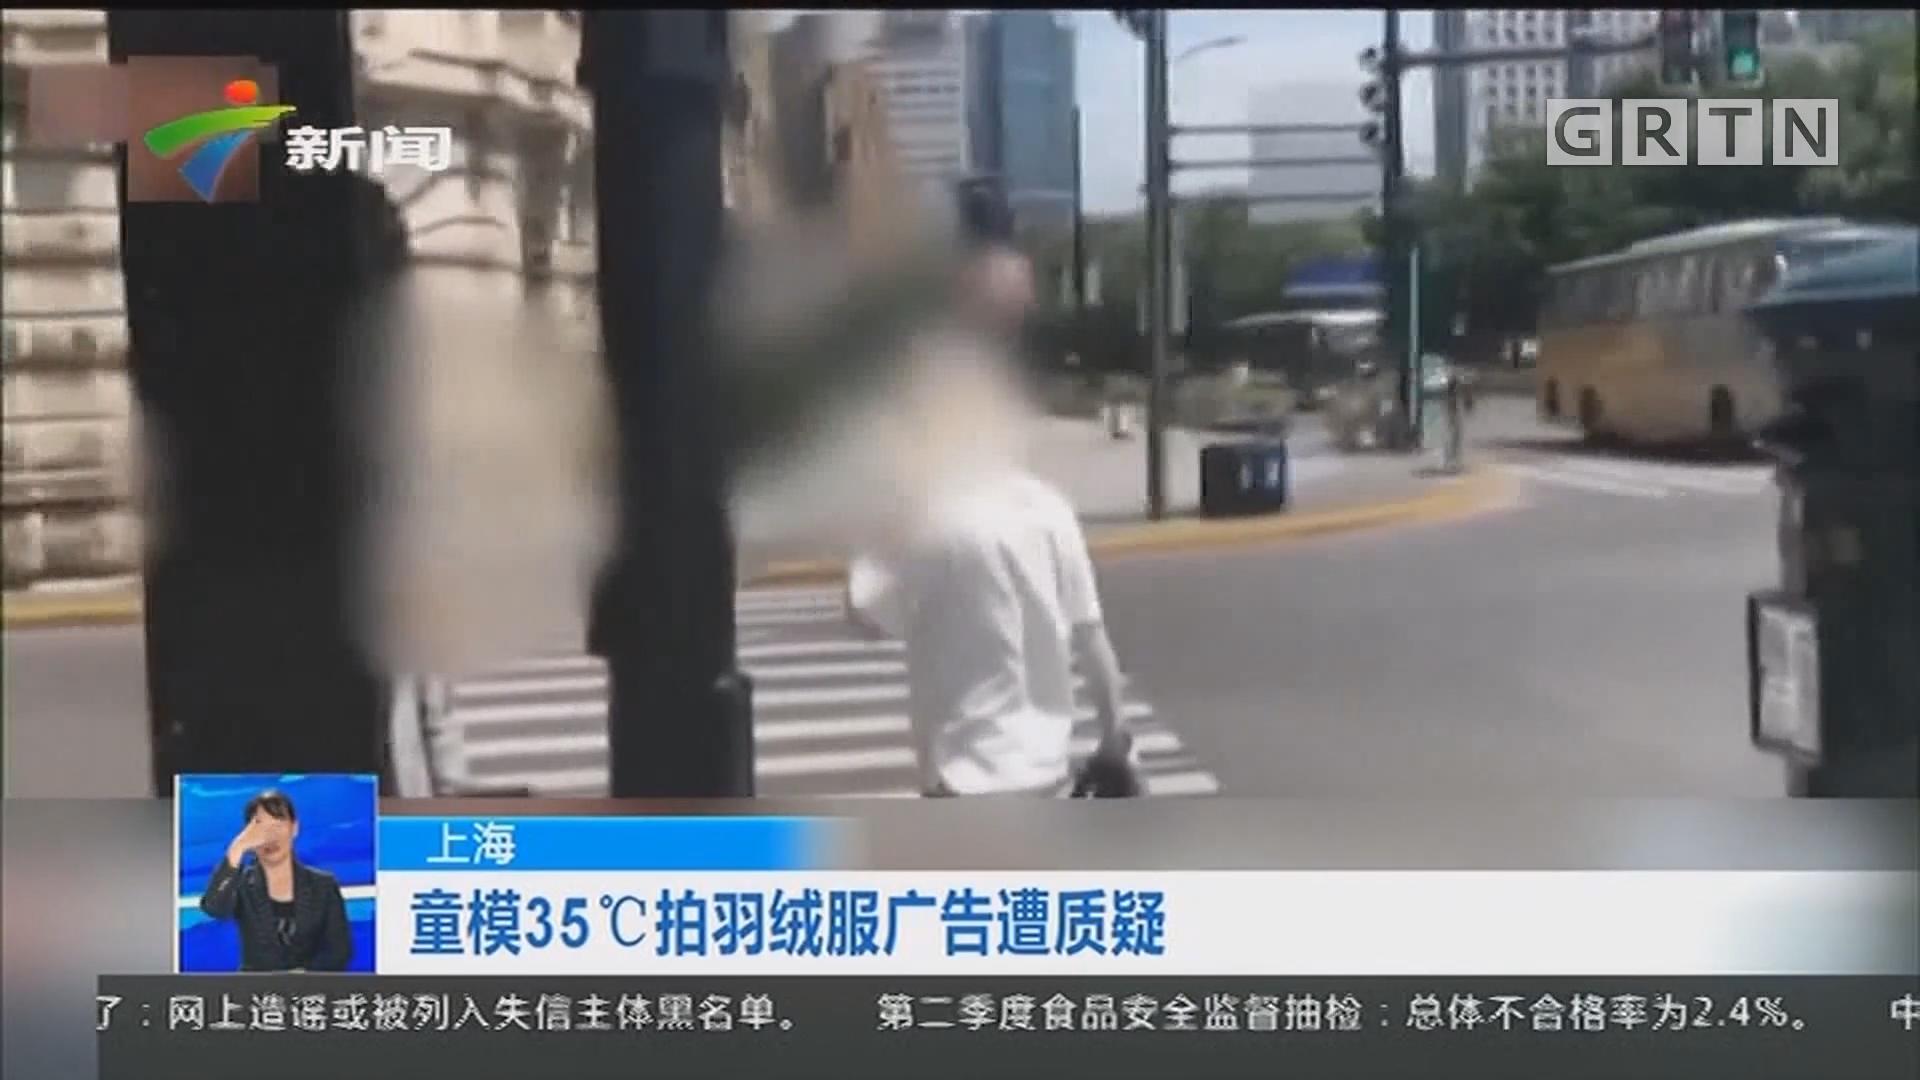 上海:童模35℃拍羽绒服广告遭质疑